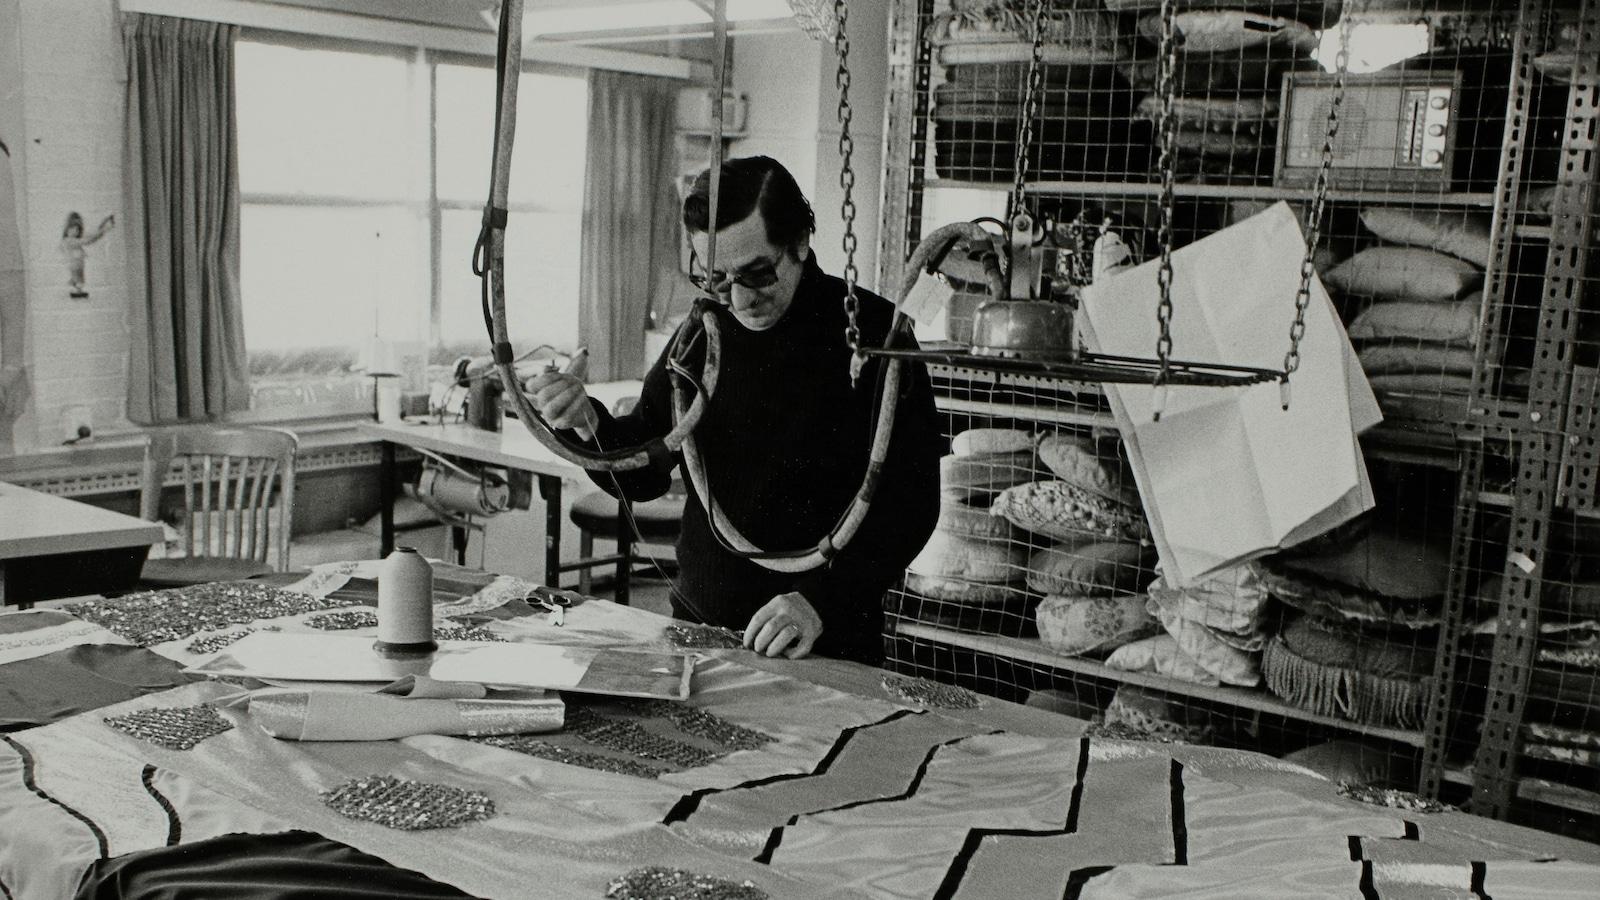 Un homme avec des lunettes est devant une table recouverte de tissus brodés. Derrière lui une étagère contient plusieurs coussins.